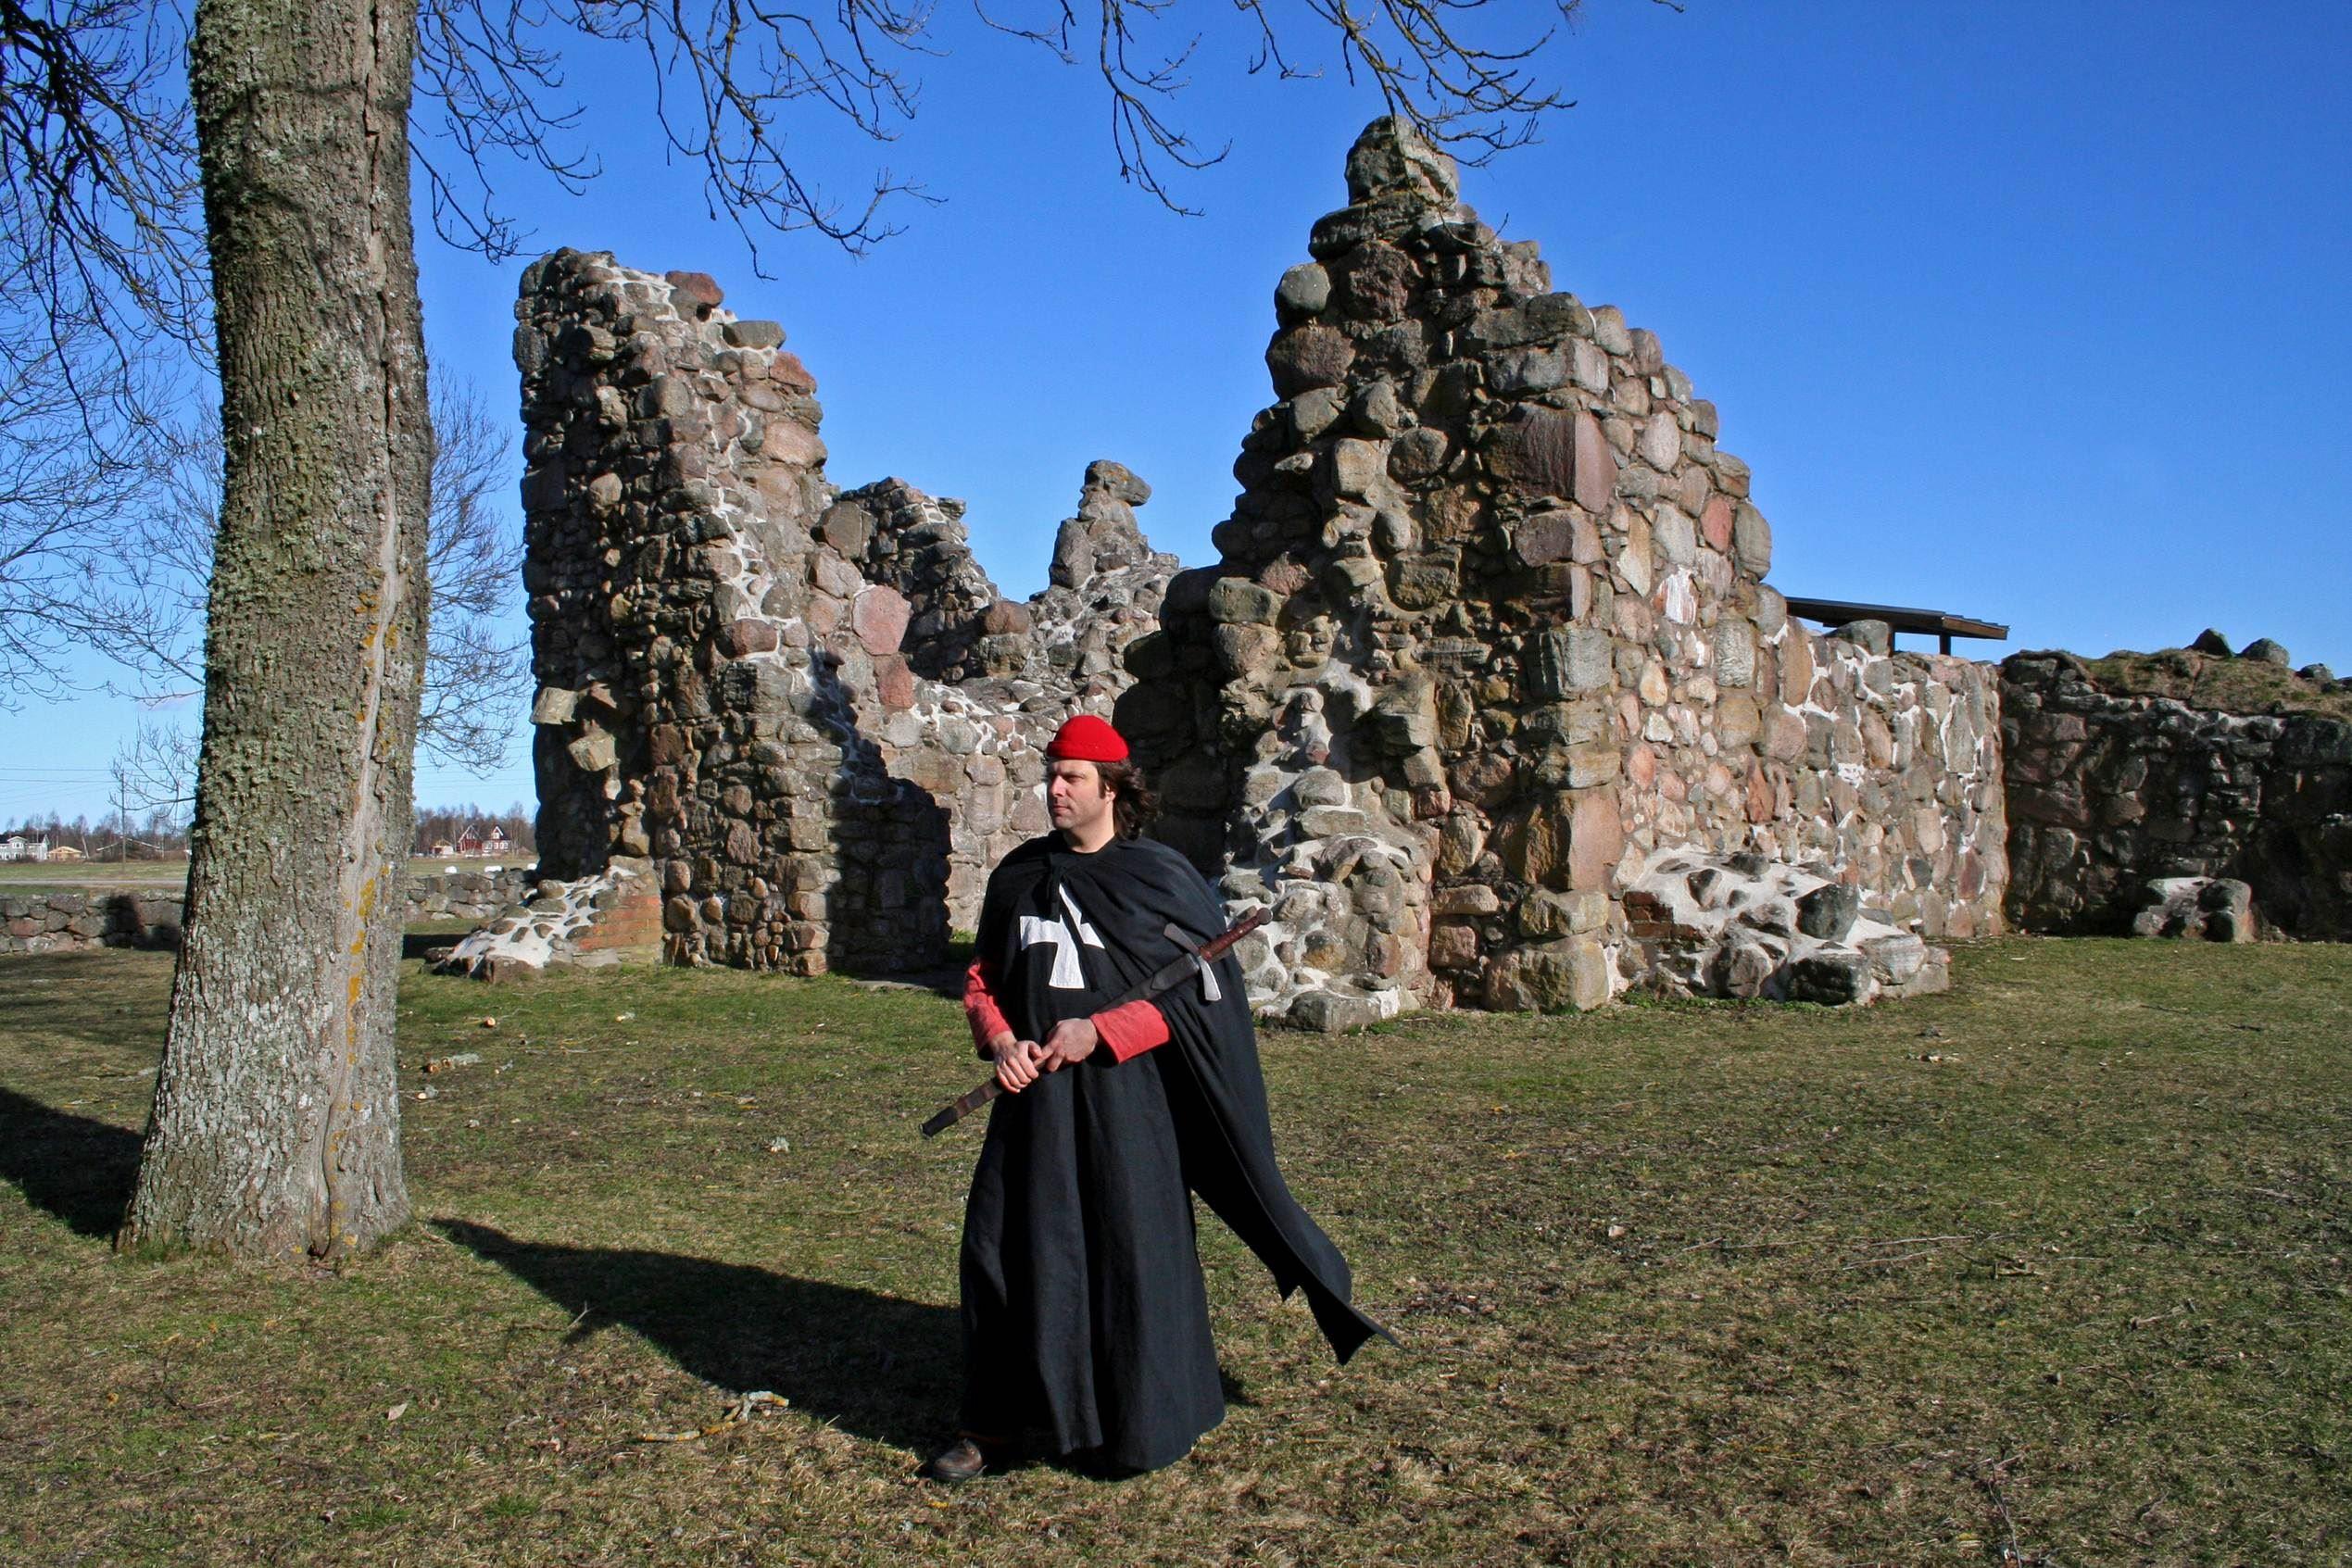 Klosterruine Kronobäck - ab ins Mittelalter.